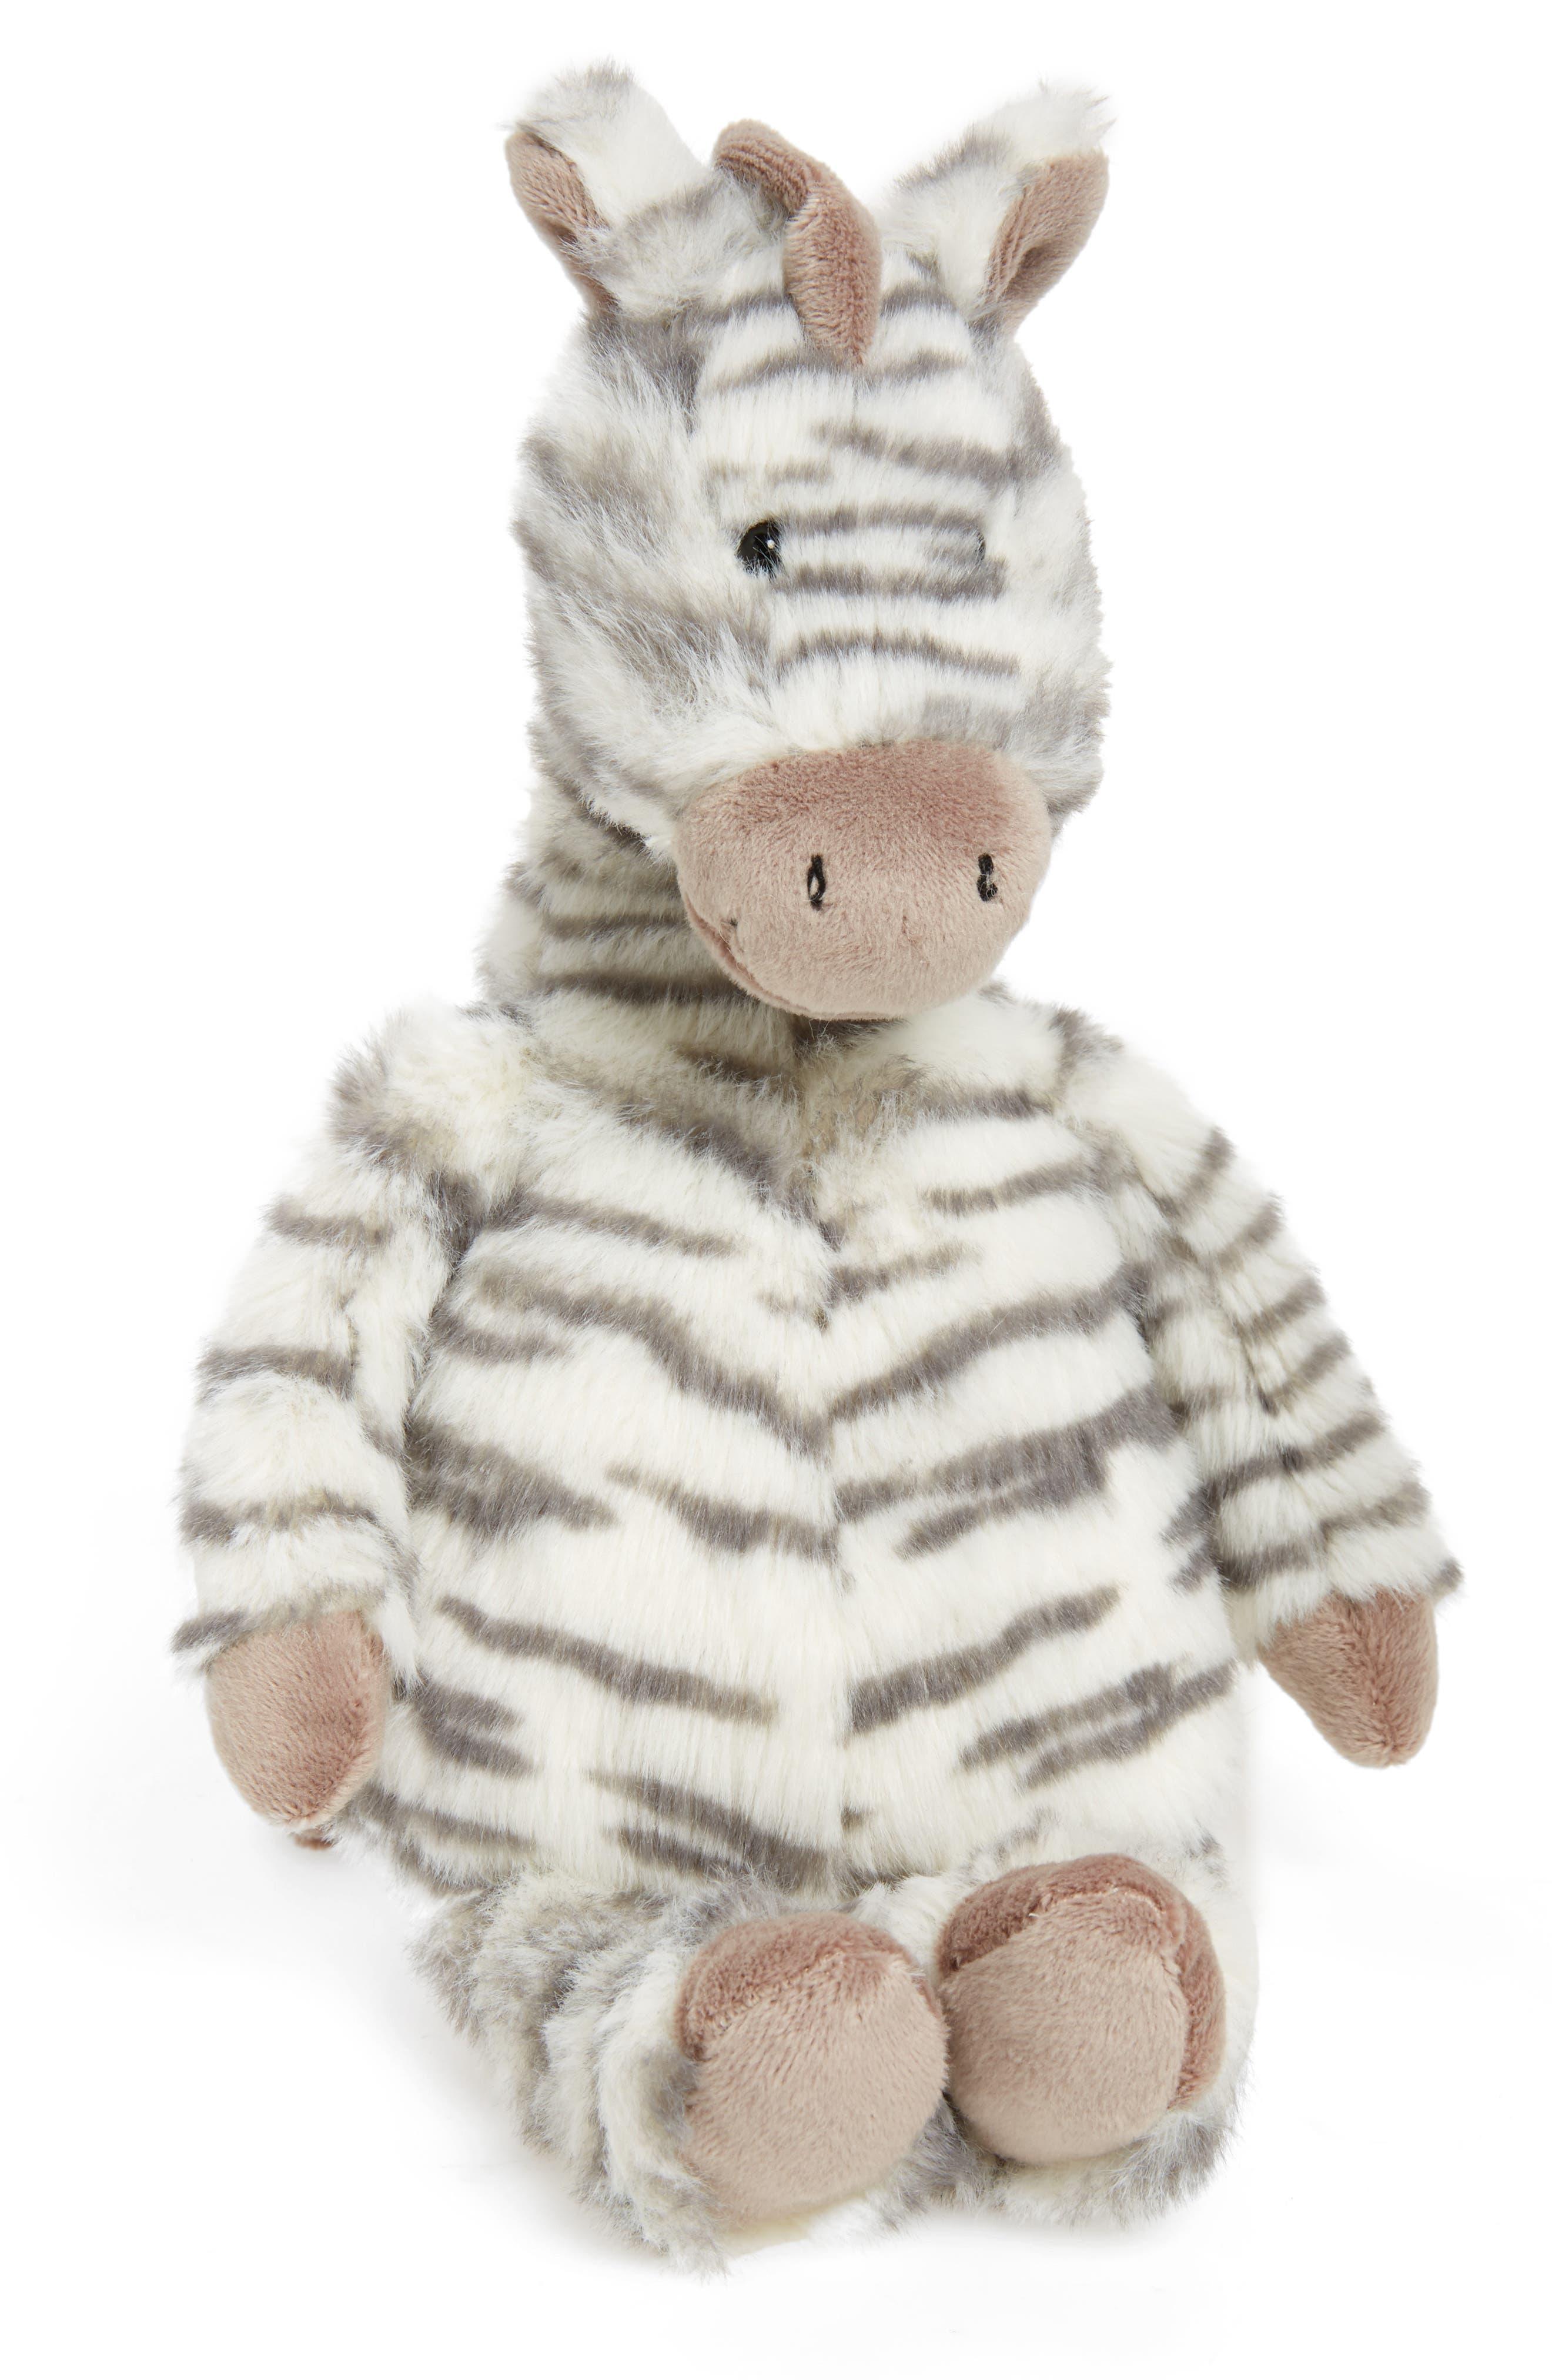 Jellycat Sweetie Zebra Stuffed Animal